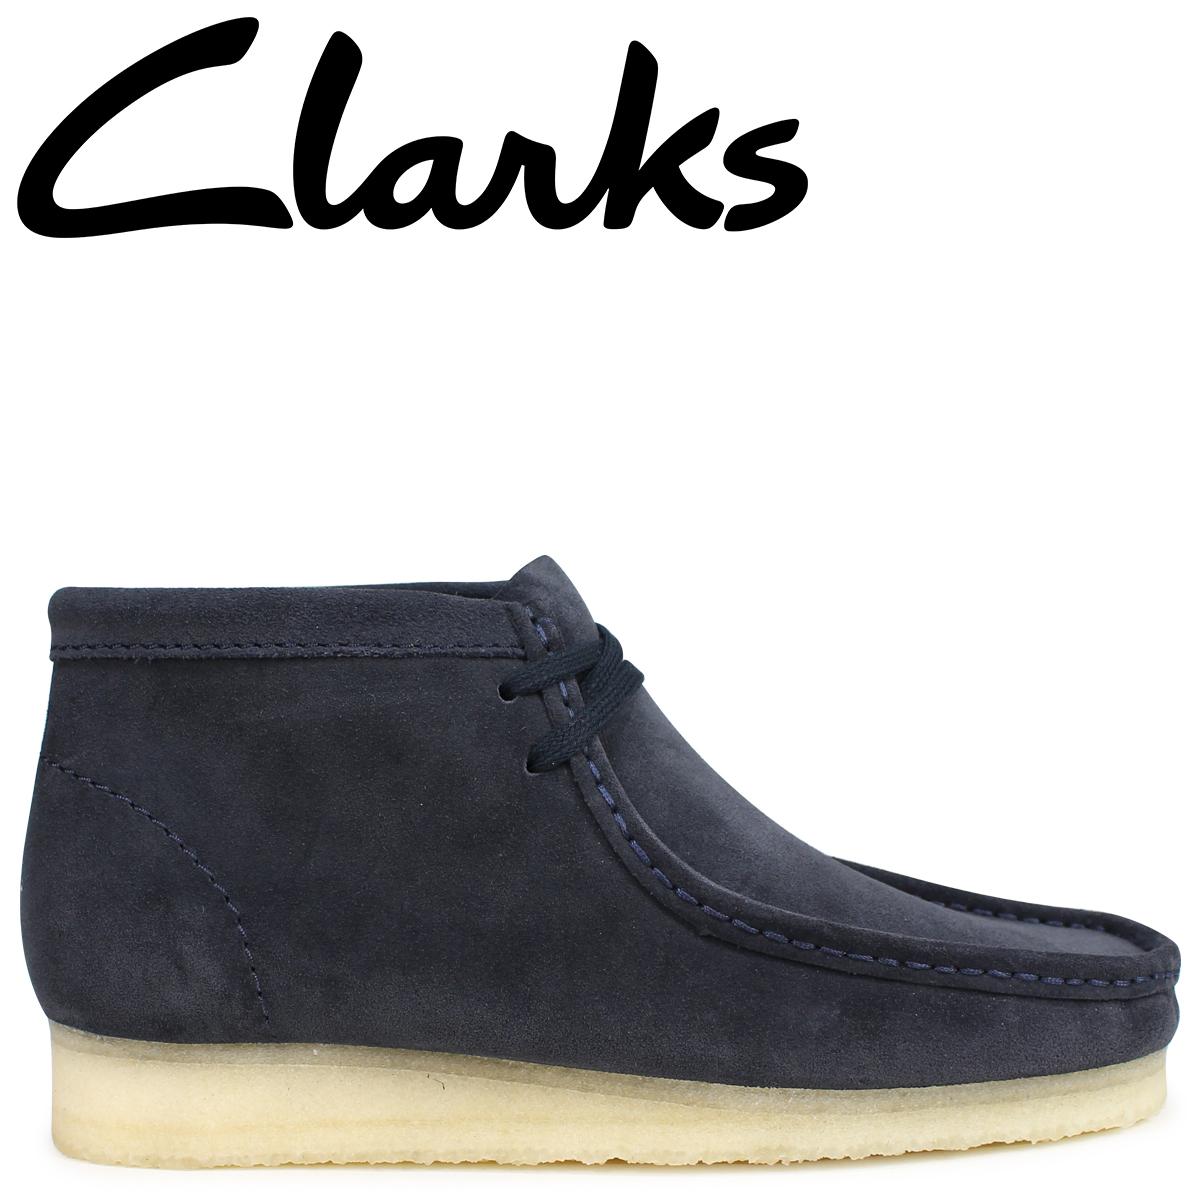 Clarks ワラビー ブーツ メンズ クラークス WALLABEE BOOT 26135225 ダークブルー [9/19 新入荷]